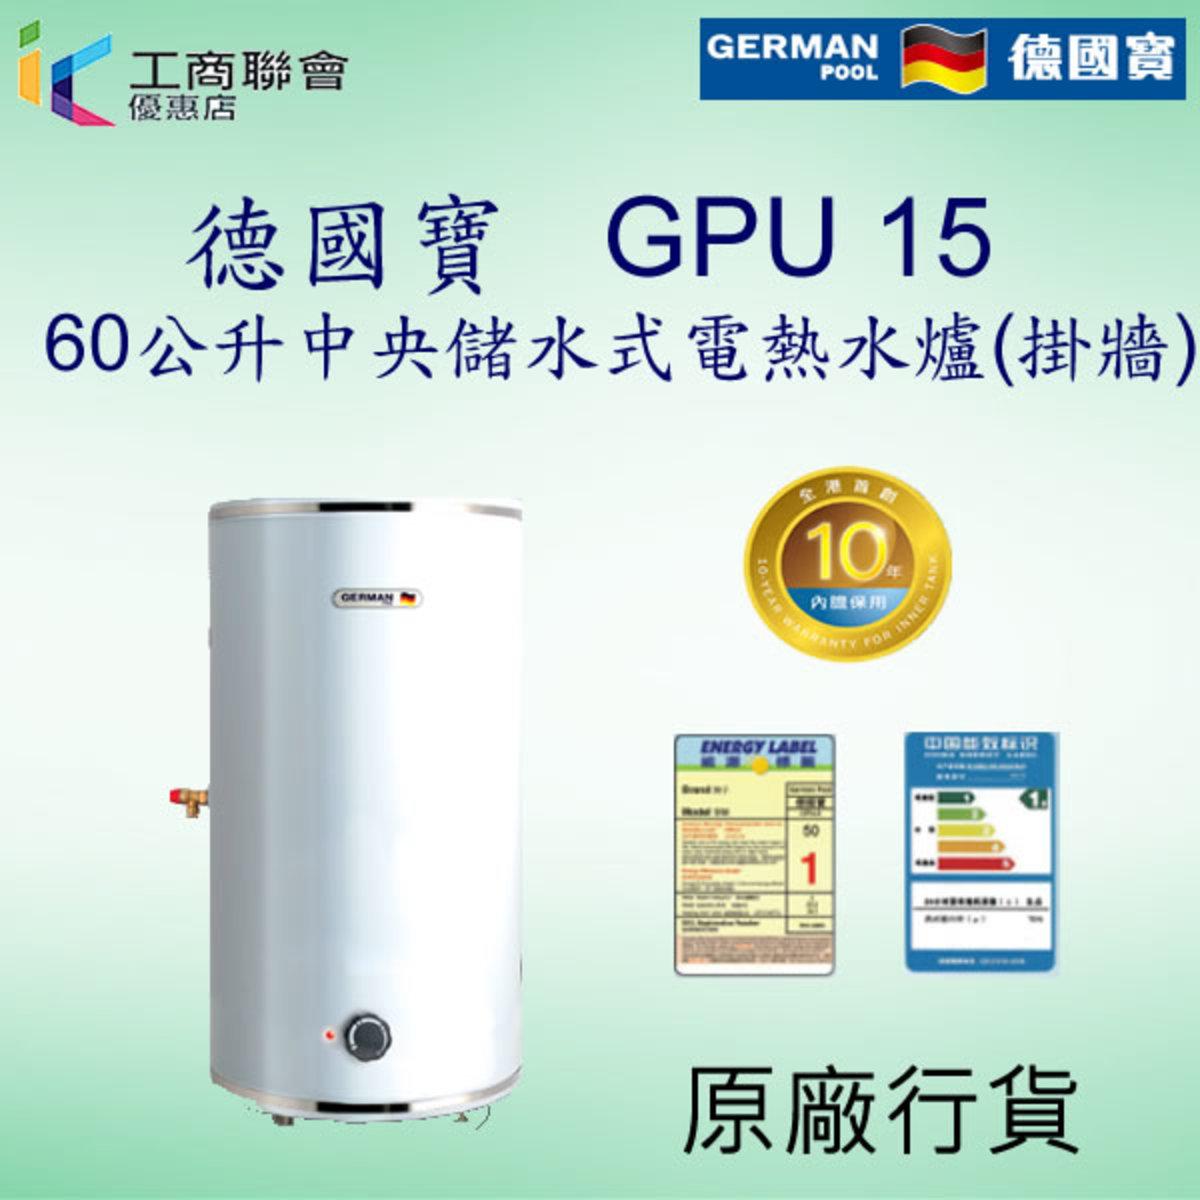 German Pool    GPU15 60公升3KW /4KW中央儲水式電熱水爐 (掛牆)